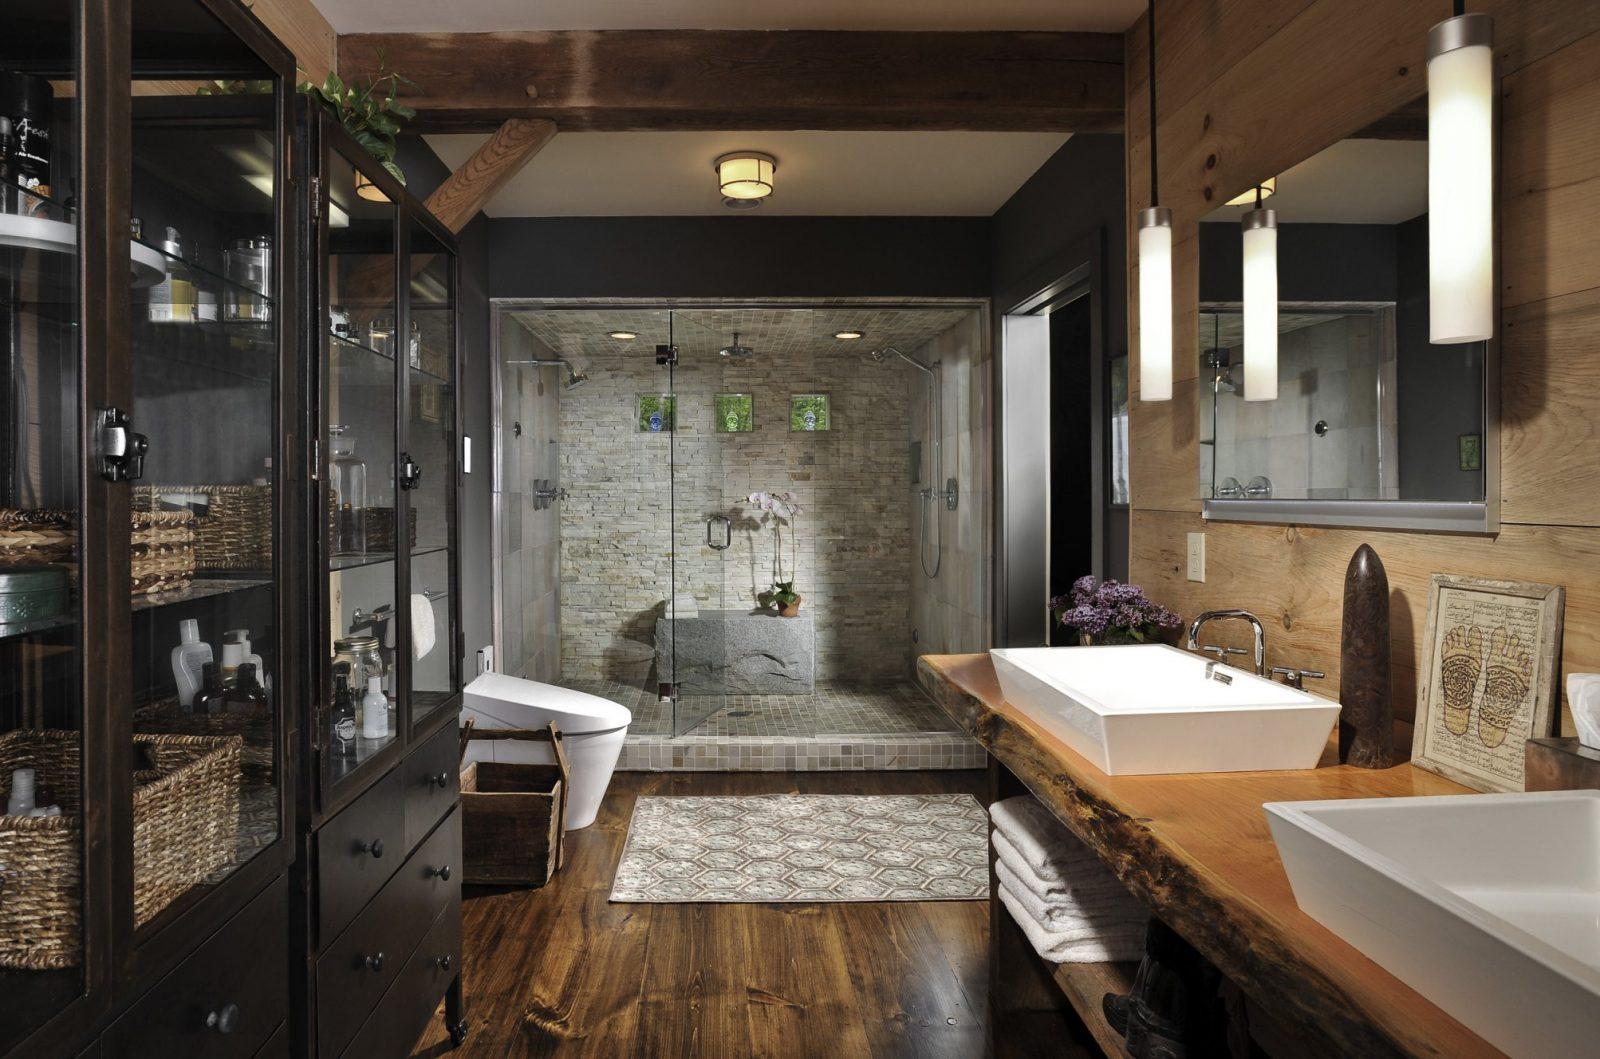 Moderne Badezimmer Im Vintage Stylebadezimmer Ideen Für Retro Bad von Moderne Bäder Mit Holz Bild